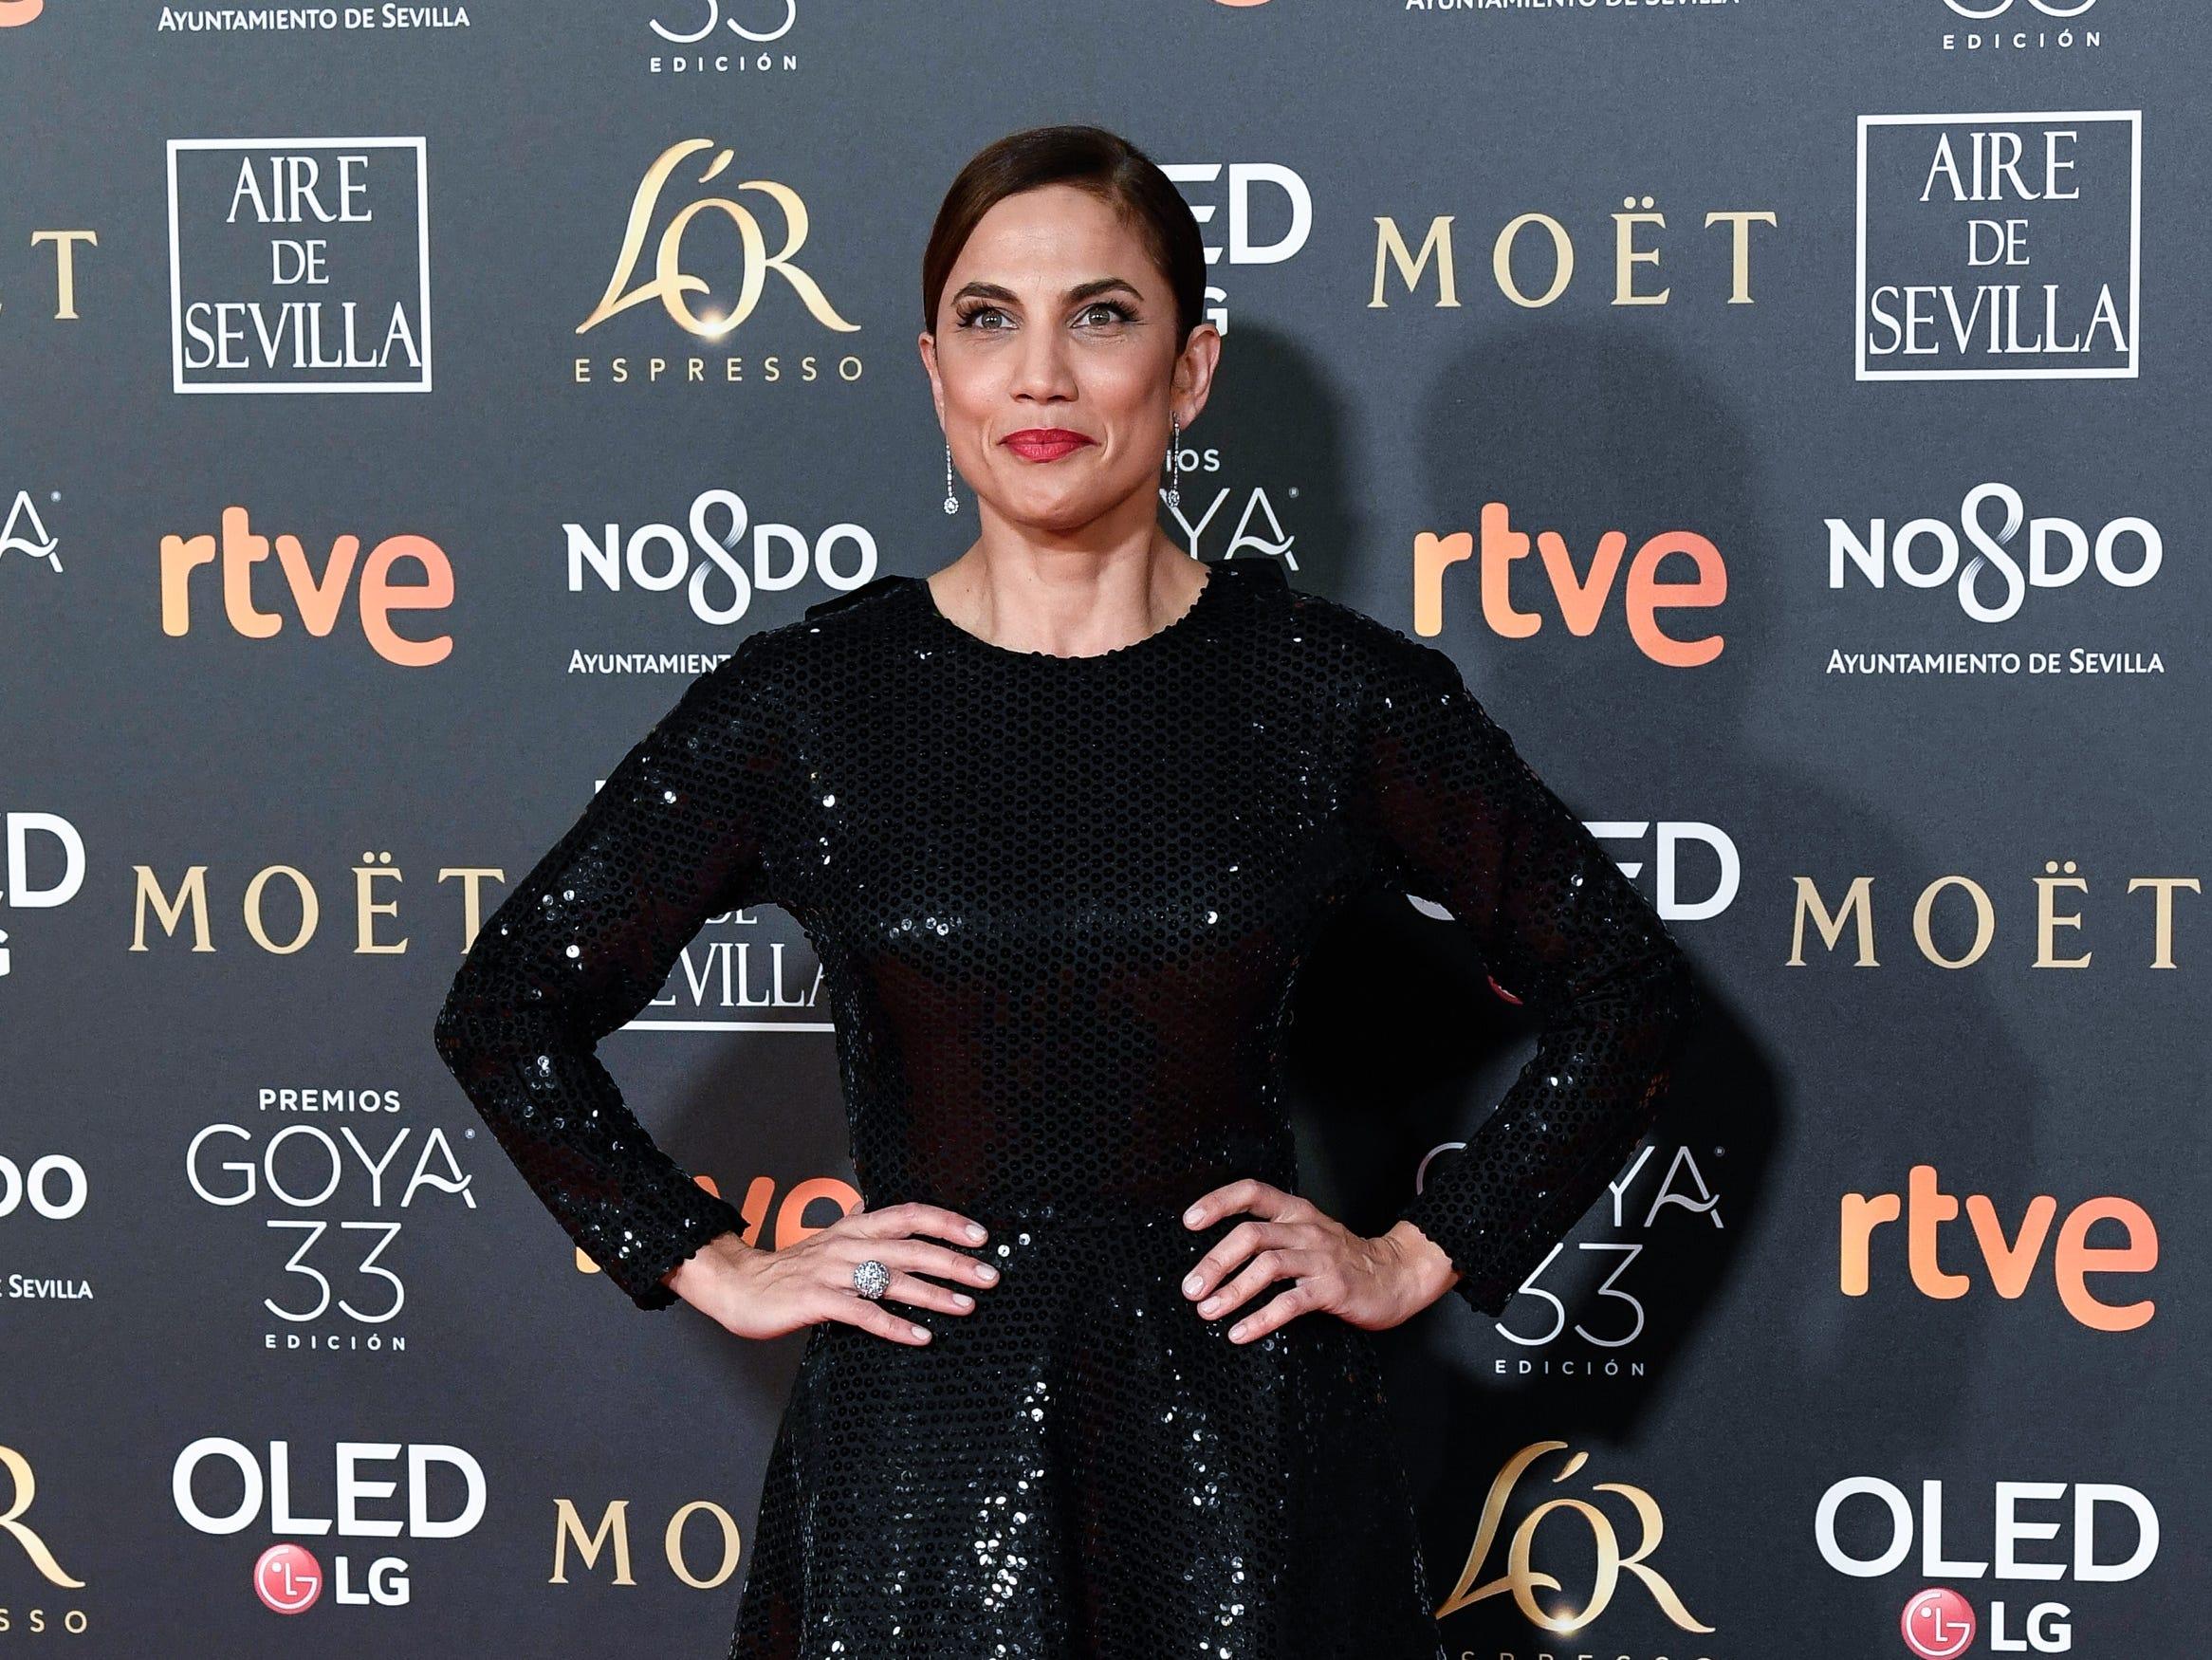 Toni Acosta asiste a la 33ª edición de los Premios de Cine Goya en el Palacio de Congresos y Exposiciones FIBES el 2 de febrero de 2019 en Sevilla, España.